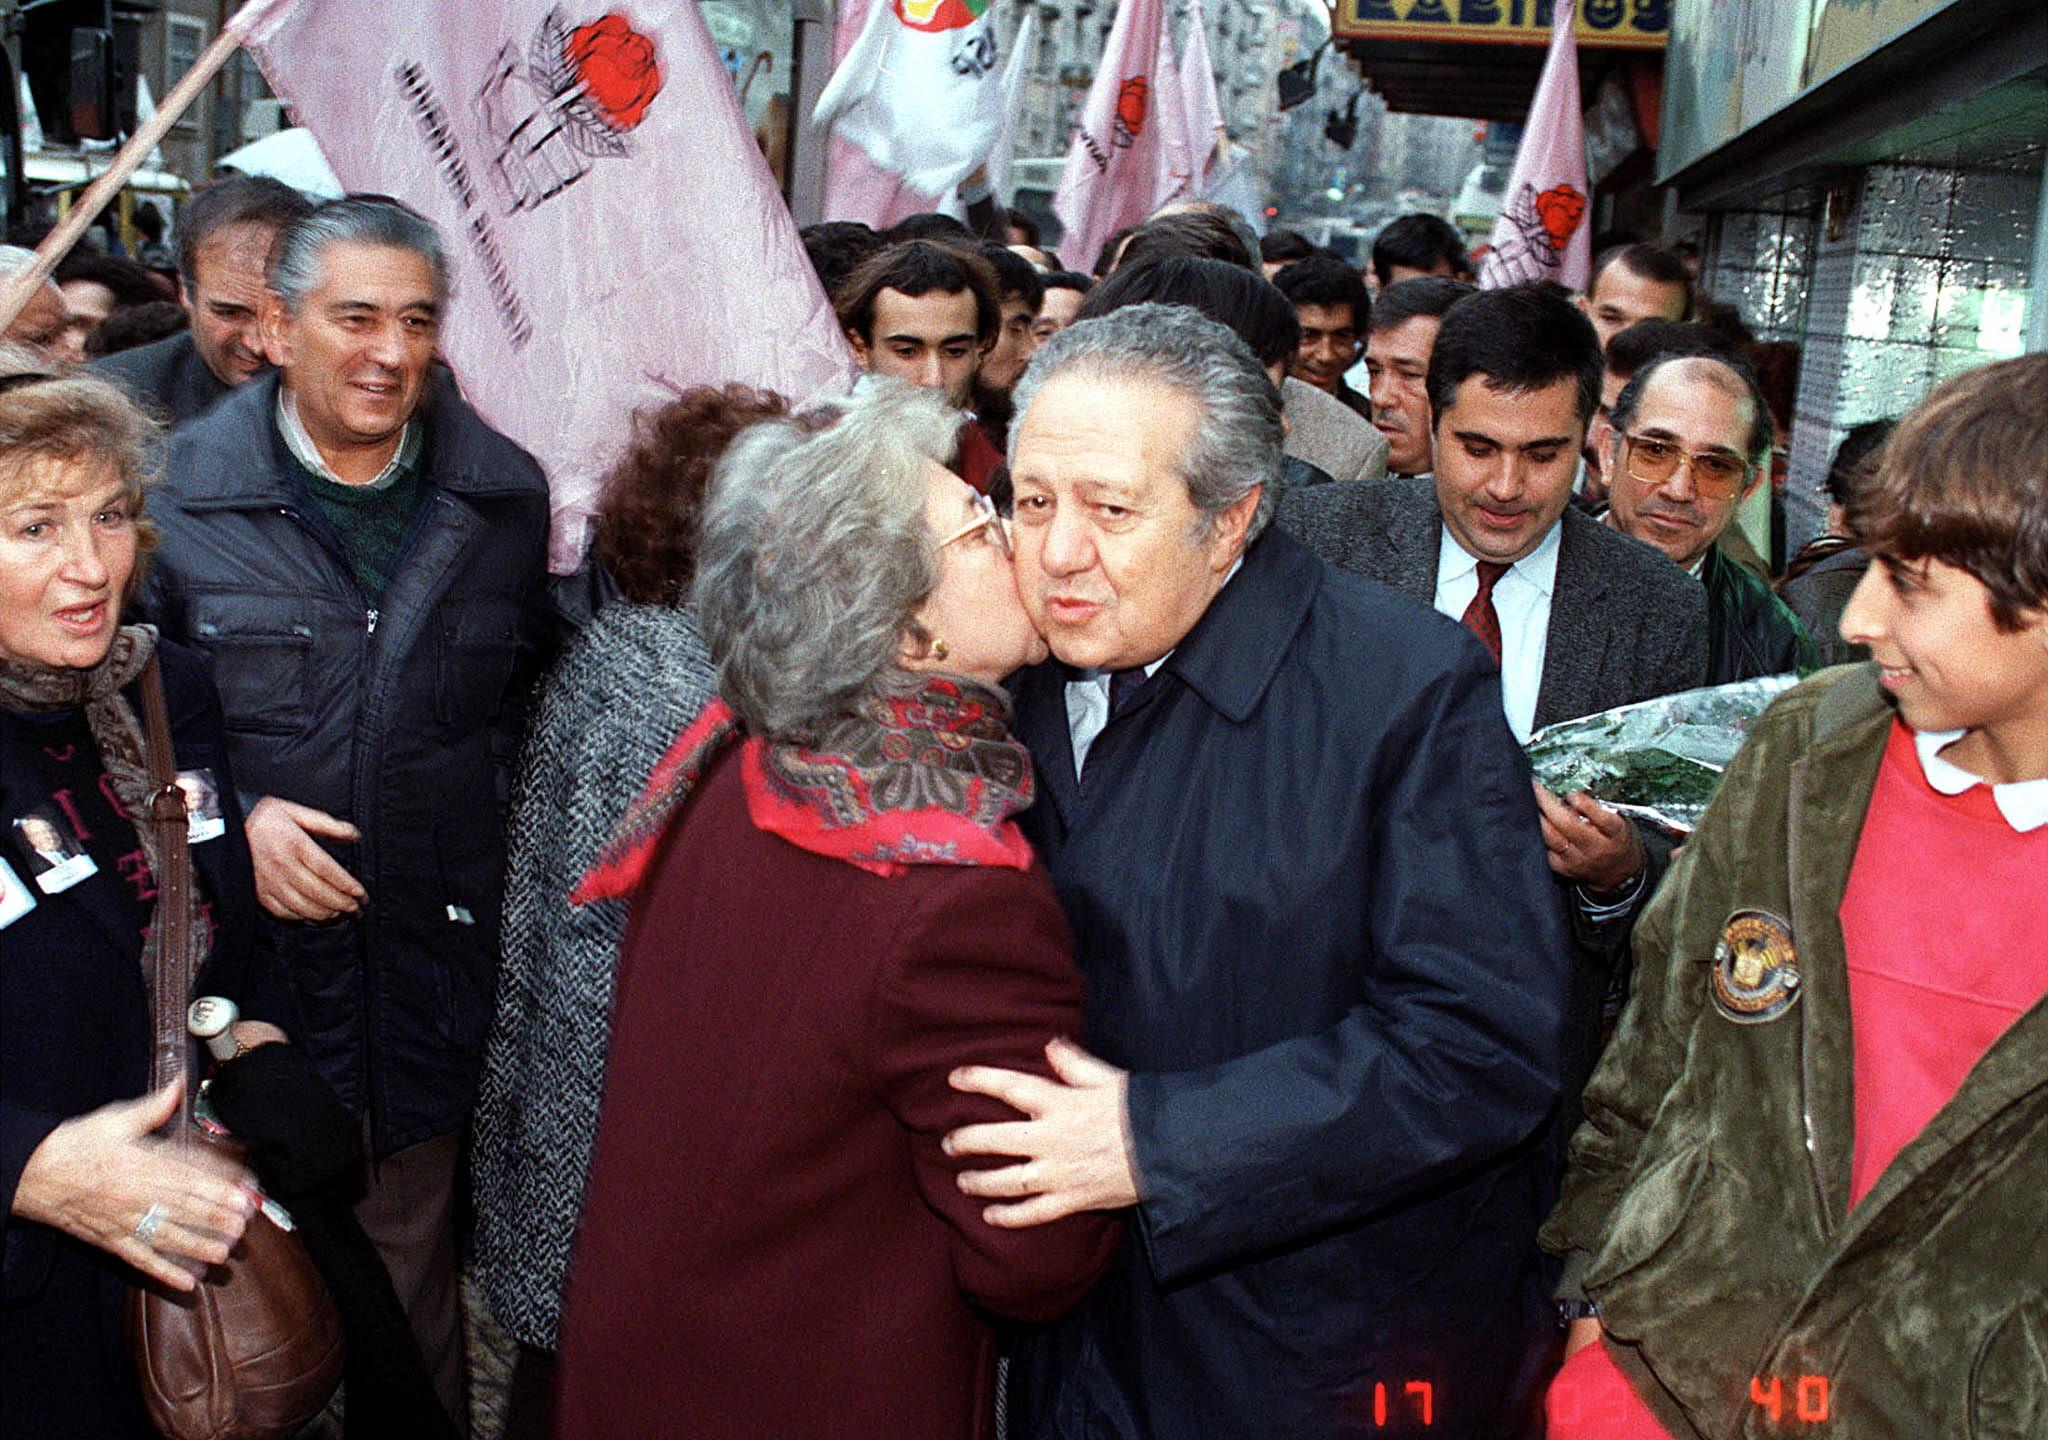 O candidato presidencial, Mário Soares durante campanha eleitoral na zona da Praça do Chile, em Lisboa, a 31 Dezembro 1990. ACÁCIO FRANCO/LUSA